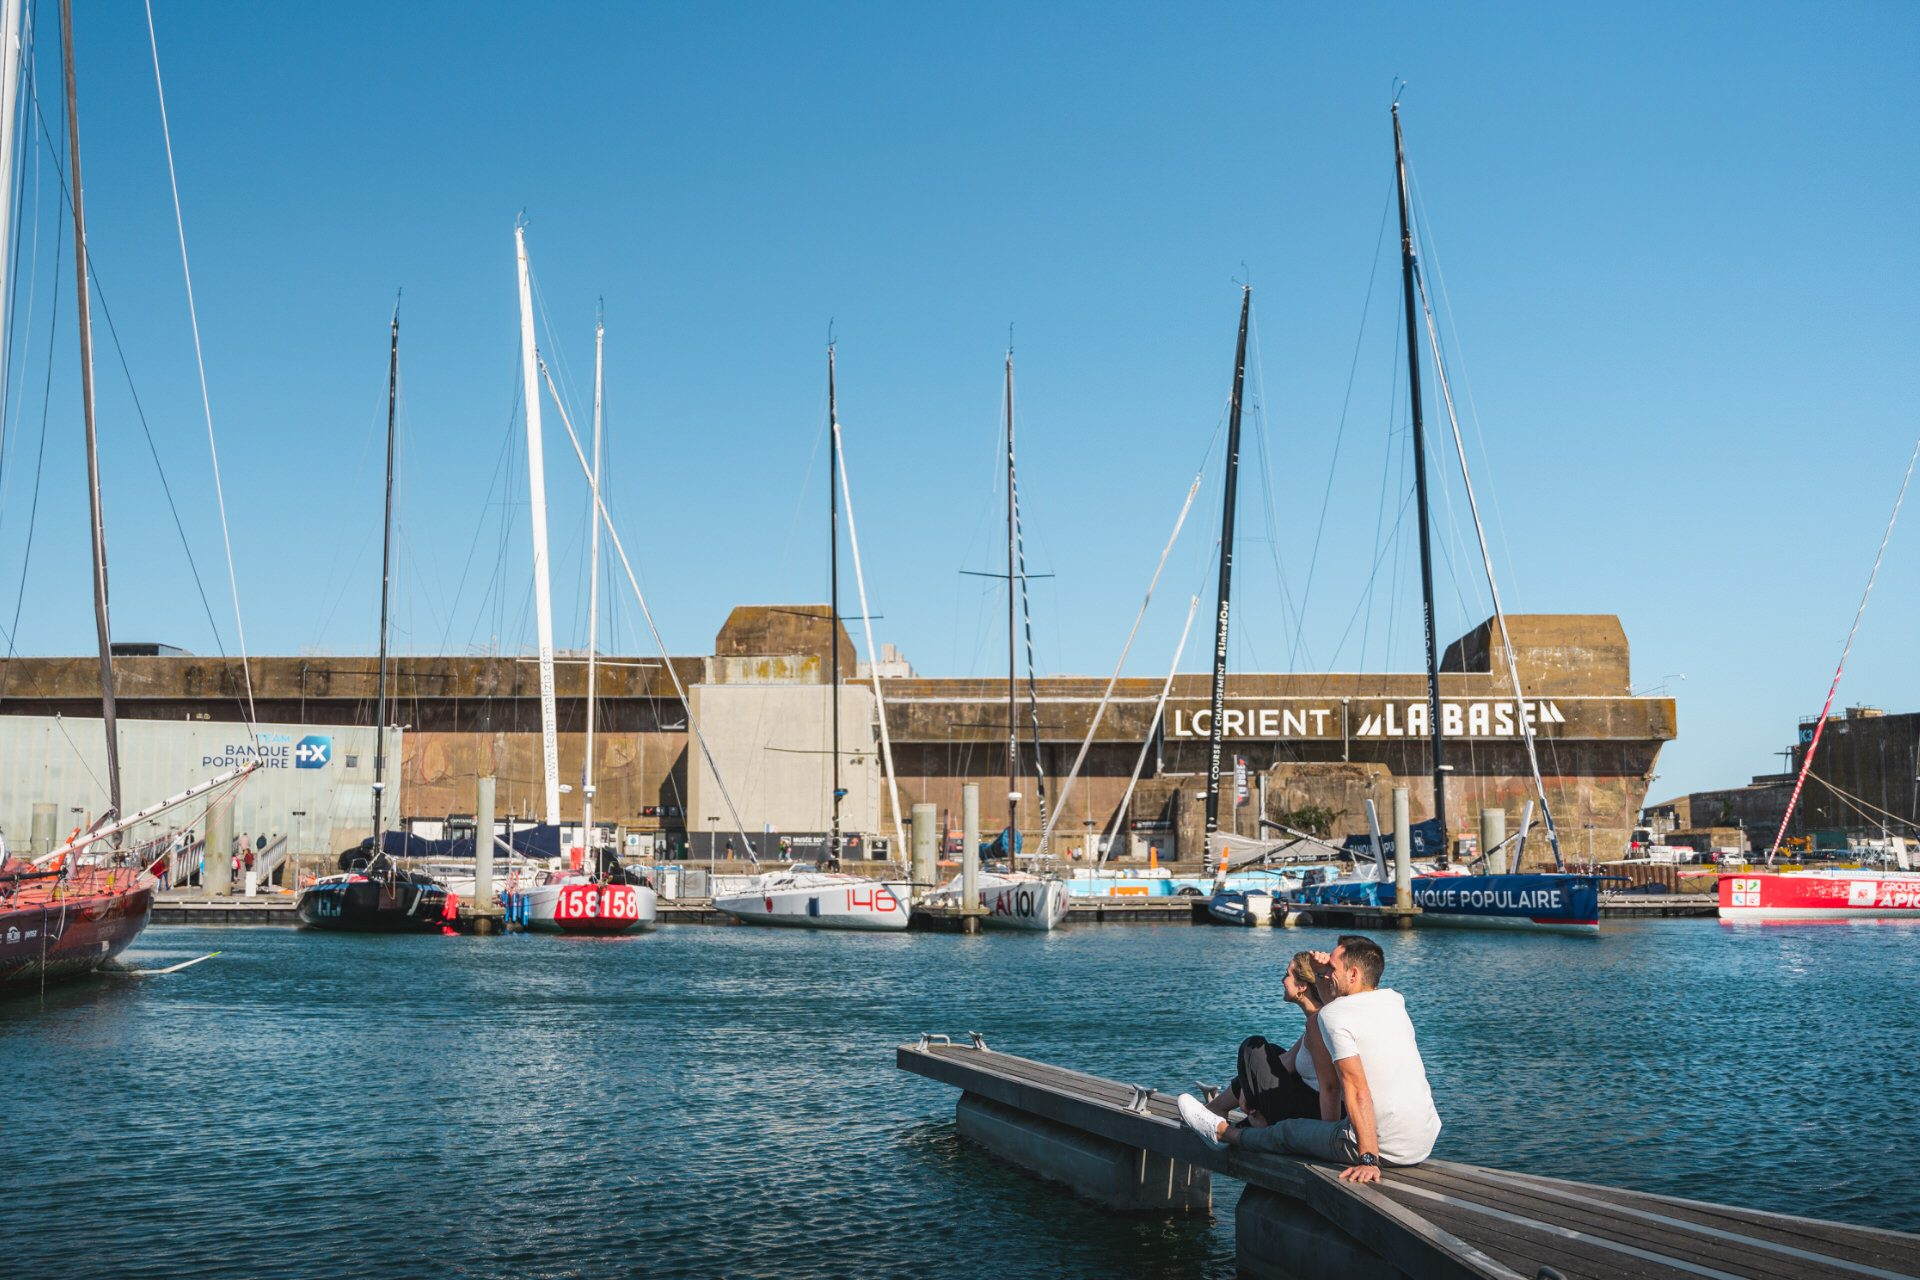 ©Tony Esnault - En amoureux sur les pontons de Lorient La Base